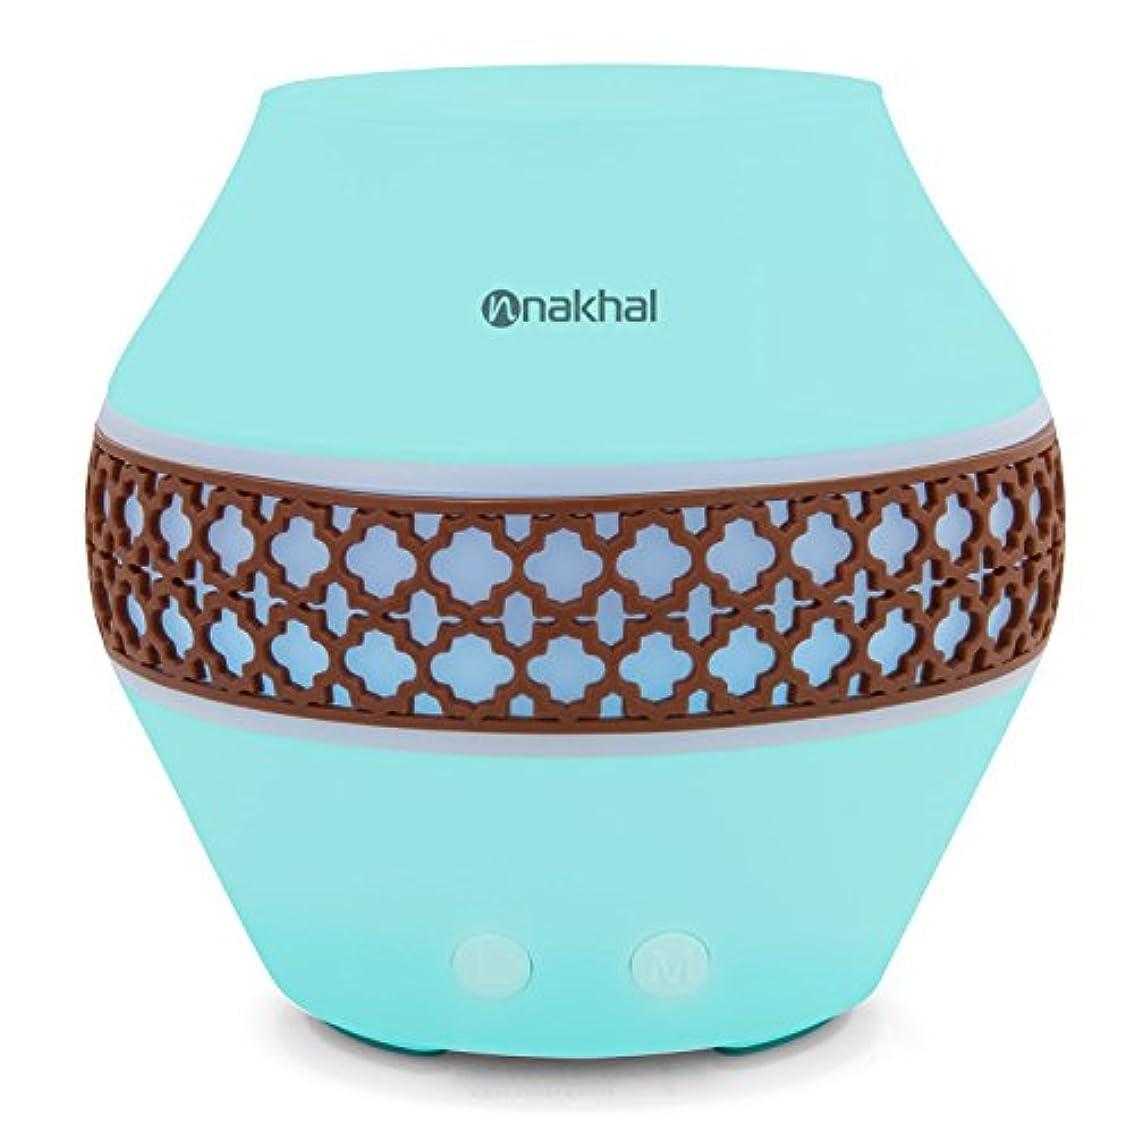 自発保全細断Nakhal 120 ml Aromatherapy Essential Oil Diffuser、超音波クールなミスト加湿器で7色LEDライト変更 – Classical